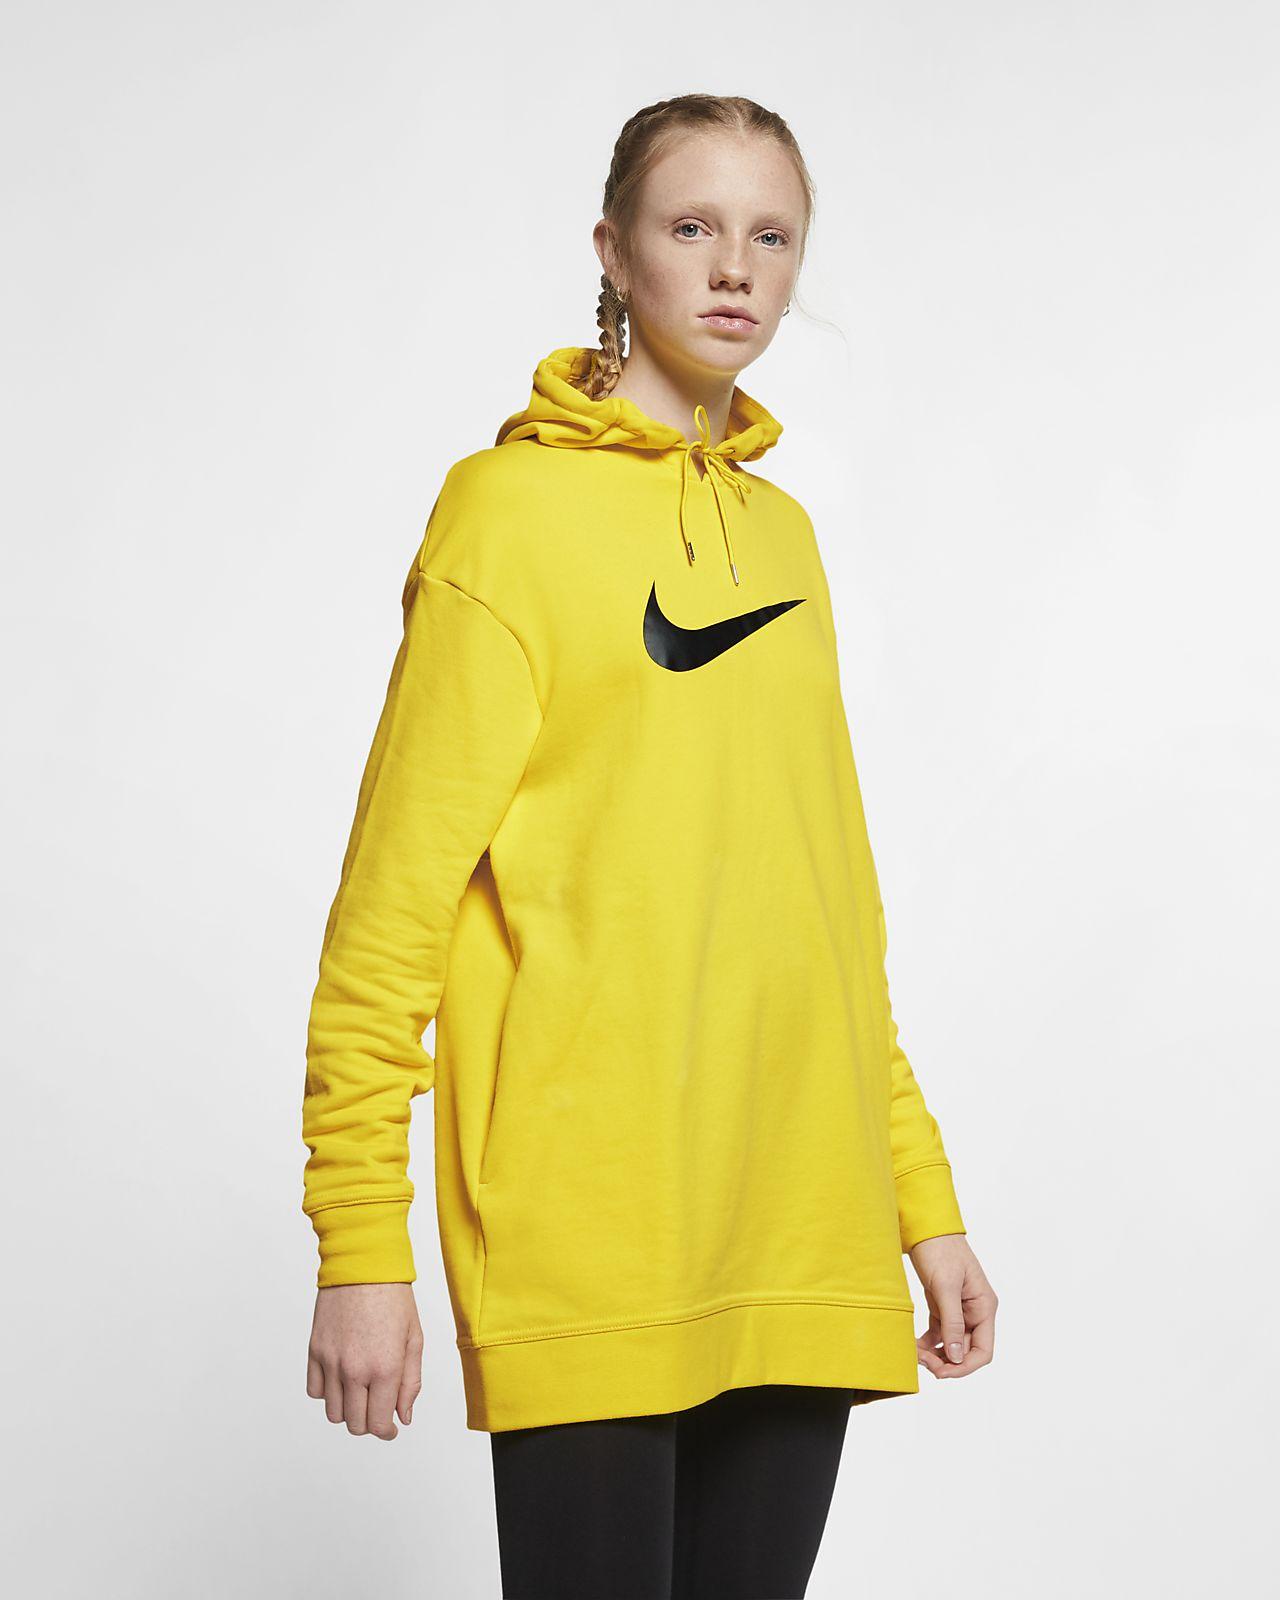 Sportswear Swoosh Nike Sweat Sportswear Swoosh Nike Sportswear Nike Sweat Sweat tdQrshC